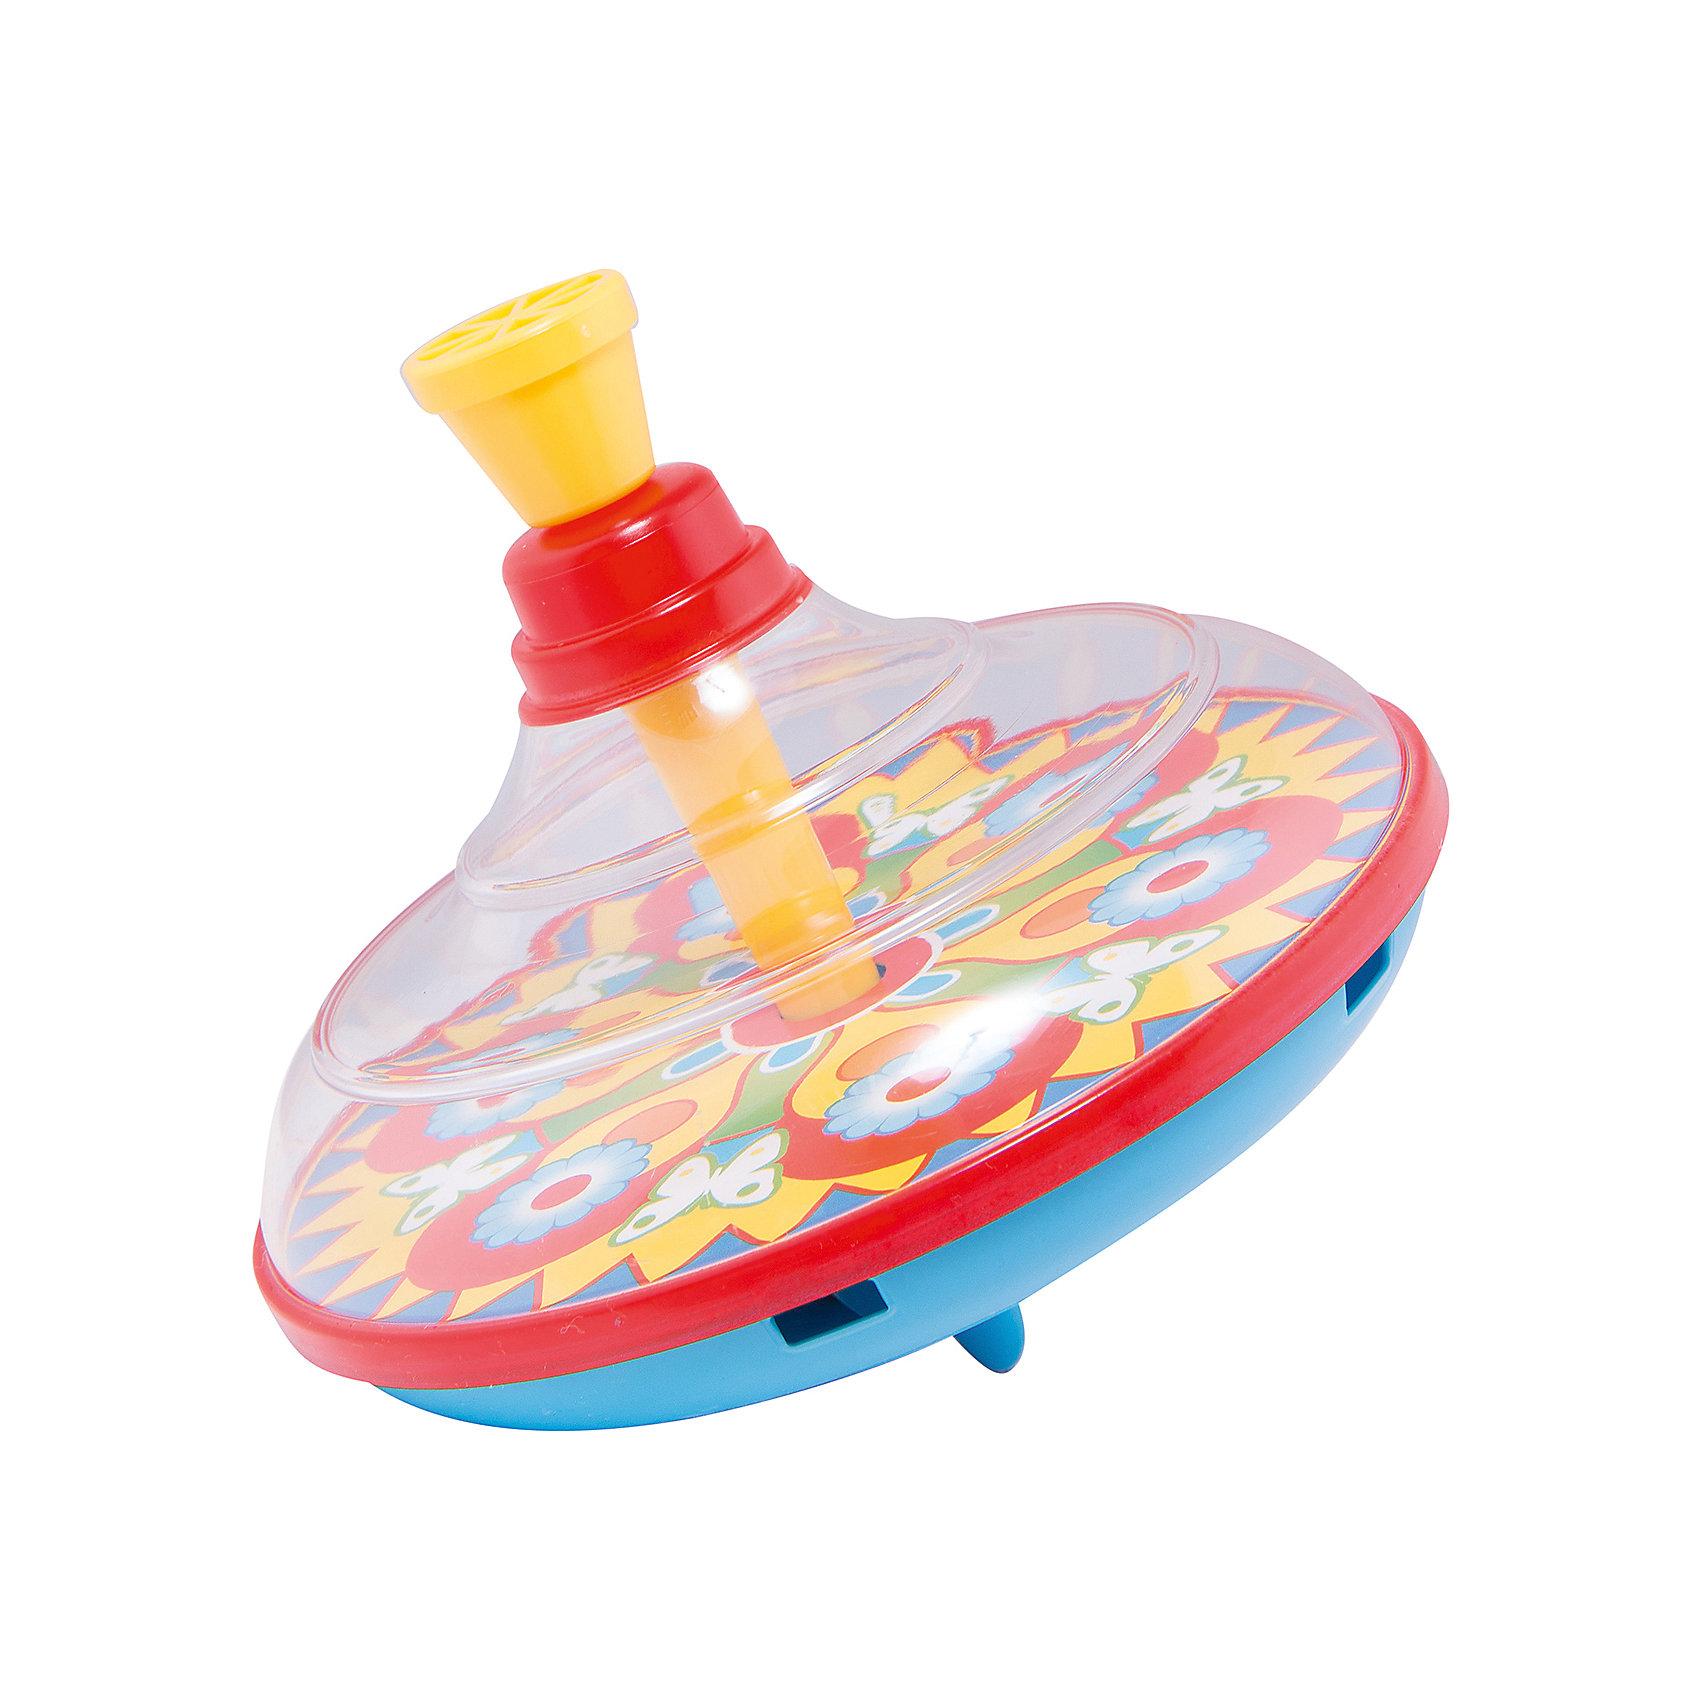 Юла  прозрачная, большая, СтелларЮлы<br>Яркая, красивая юла будет долго радовать Вашего малыша!<br><br>Дополнительная информация:<br><br>- Возраст: от 1 года.<br>- Материал: высококачественная пластмасса.<br>- Размер упаковки: 16х24х16 см.<br>- Вес в упаковке: 150 г.<br><br>Купить прозрачную юлу от Стеллар, можно в нашем магазине.<br><br>Ширина мм: 160<br>Глубина мм: 240<br>Высота мм: 160<br>Вес г: 150<br>Возраст от месяцев: 12<br>Возраст до месяцев: 48<br>Пол: Унисекс<br>Возраст: Детский<br>SKU: 4879316